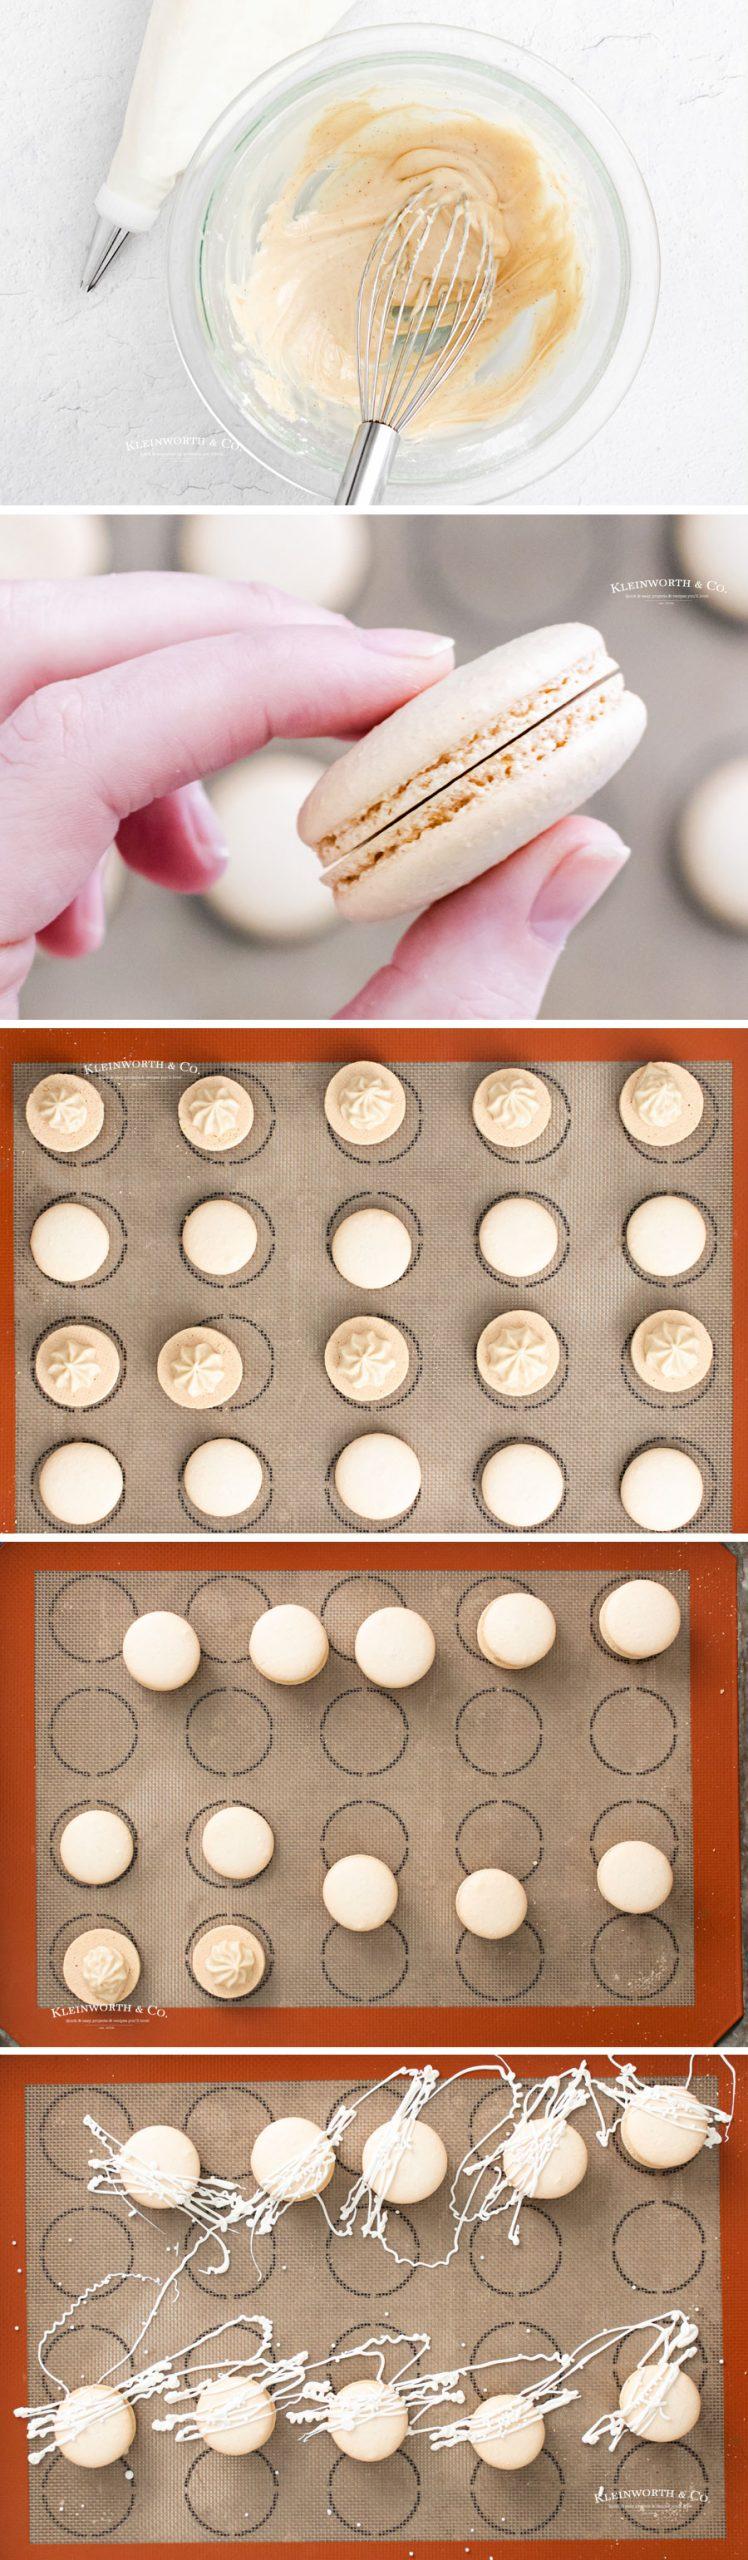 how to make Baileys Macarons